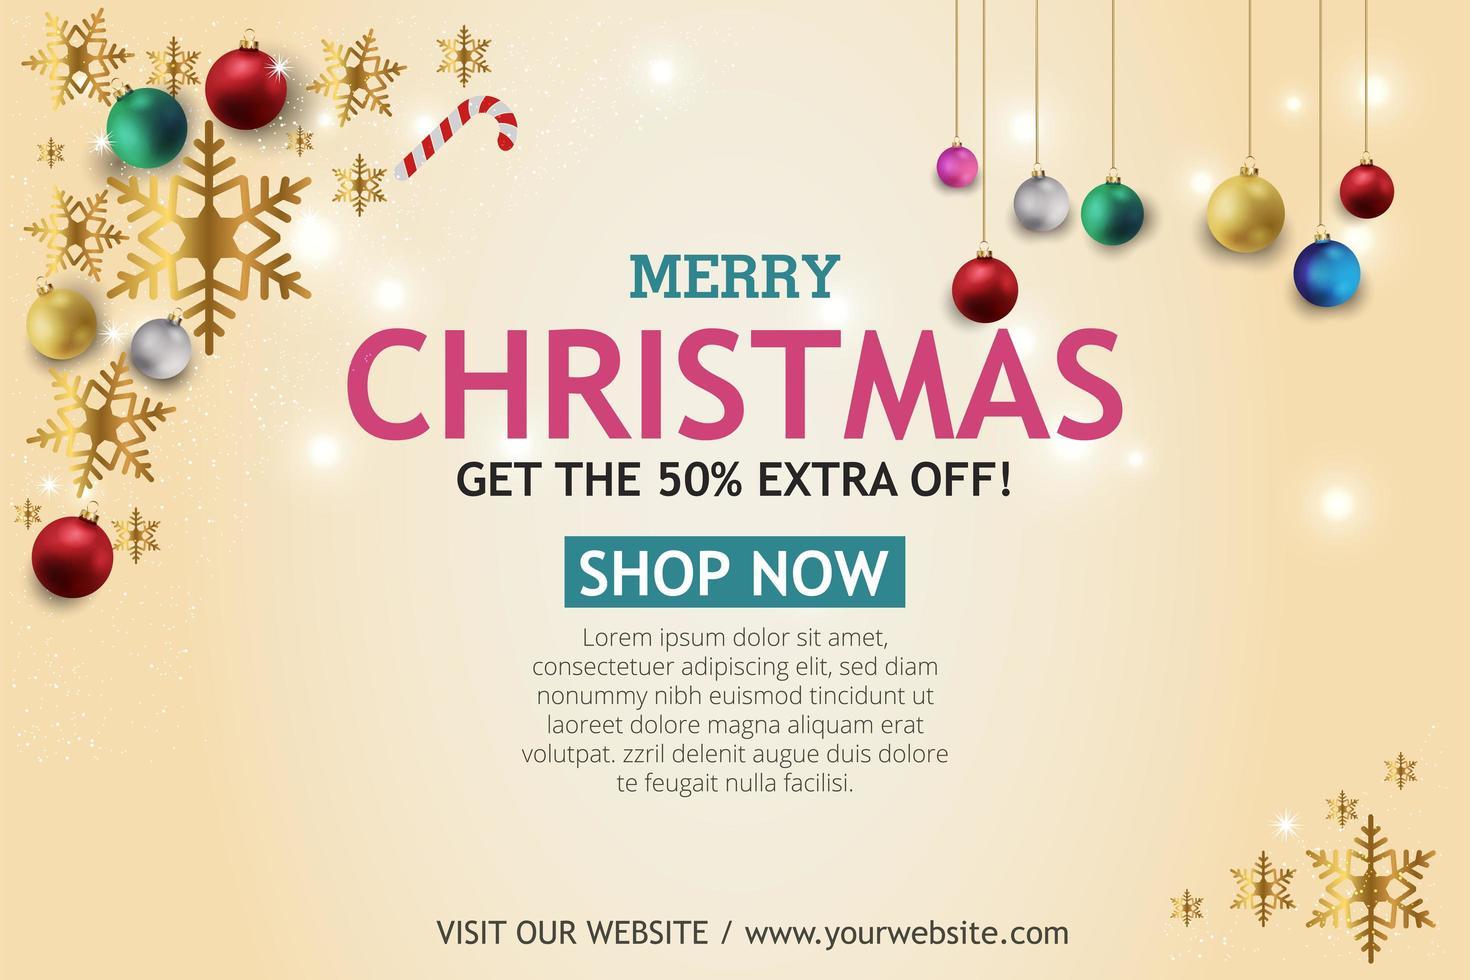 bannière de vente de Noël sur fond clair. texte joyeux Noël boutique maintenant. vecteur